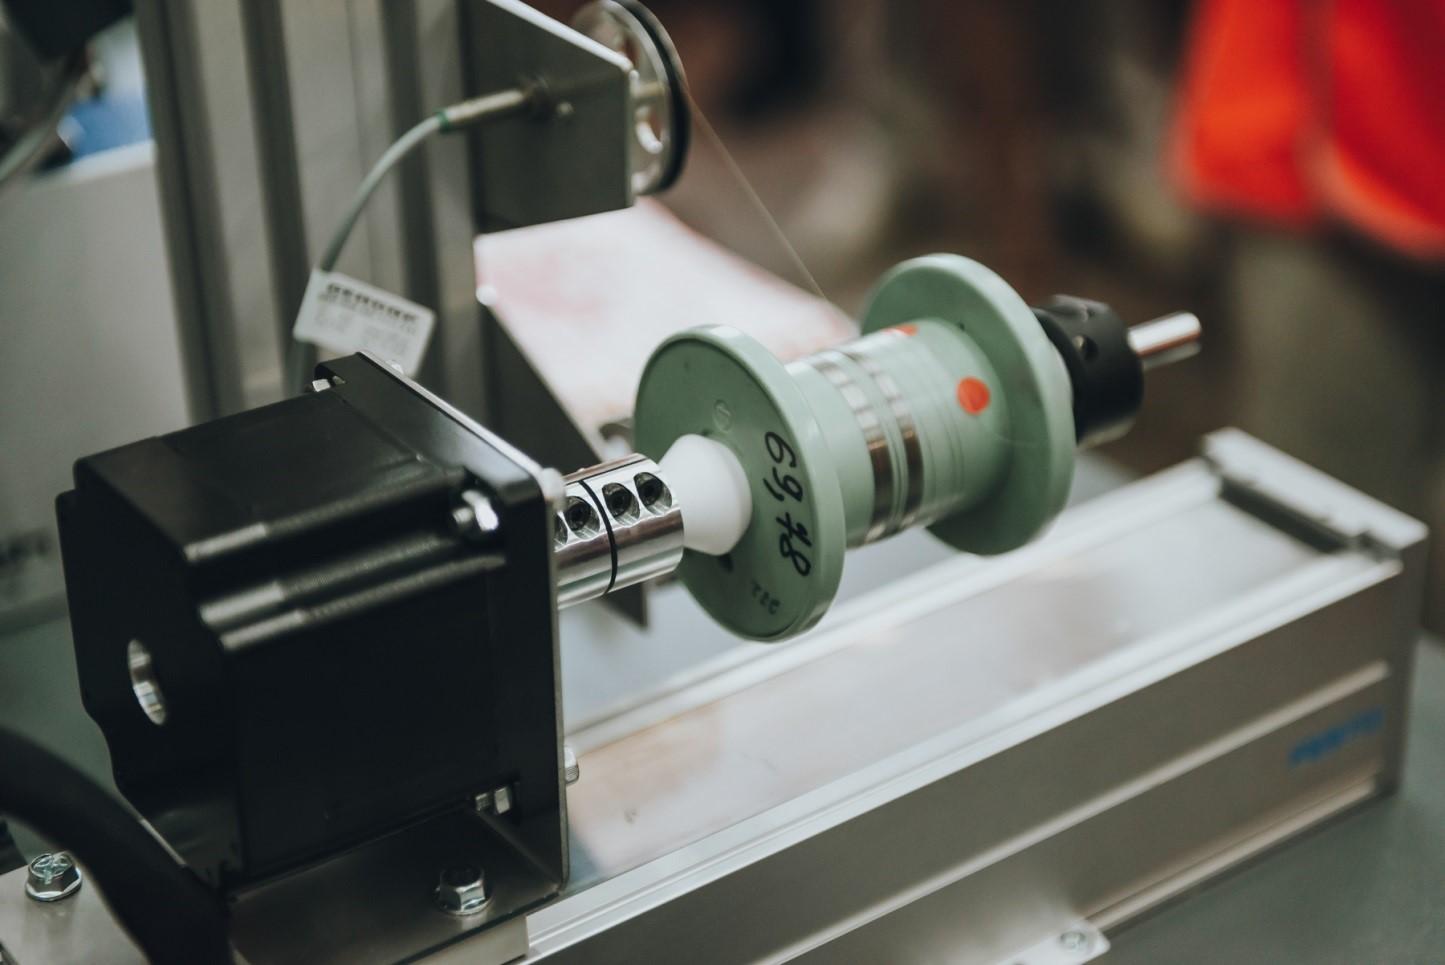 Производственный комплекс оборудования для эмалирования проводов – собственная разработка, не имеющая аналогов в России. Она позволяет эмалировать проволоку из любых материалов, которая в три раза тоньше человеческого волоса.